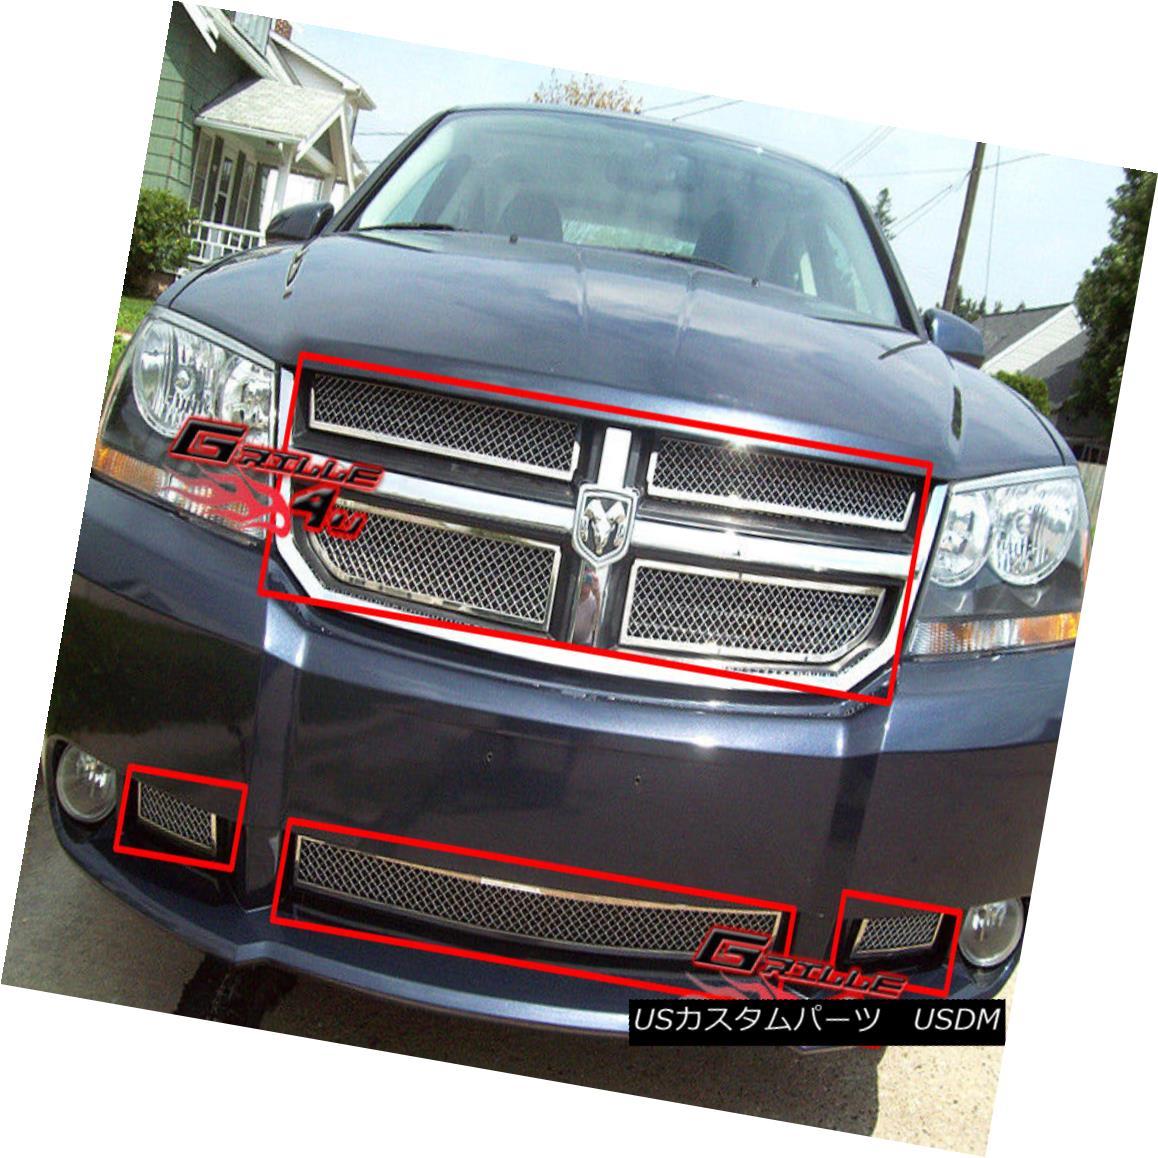 グリル Fits 2007-2010 Dodge Avenger Stainless Mesh Grille Combo 2007-2010 Dodge Avengerステンレスメッシュグリルコンボに適合